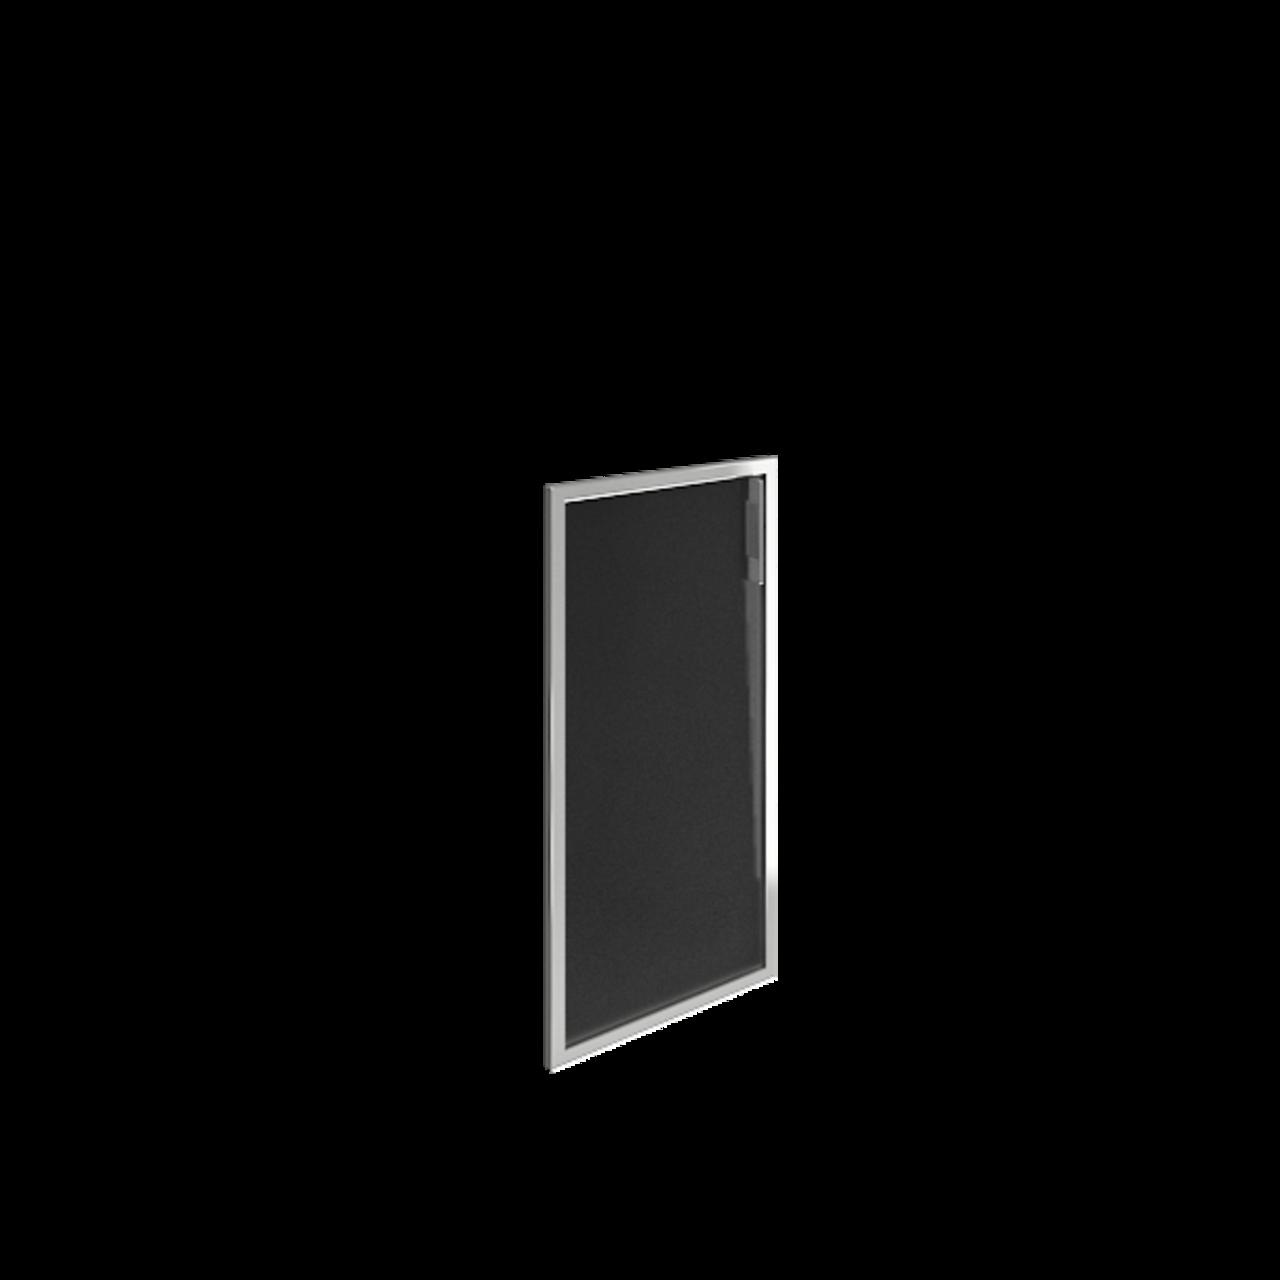 Дверь стекло в раме низкое Lacobel black левая - фото 5